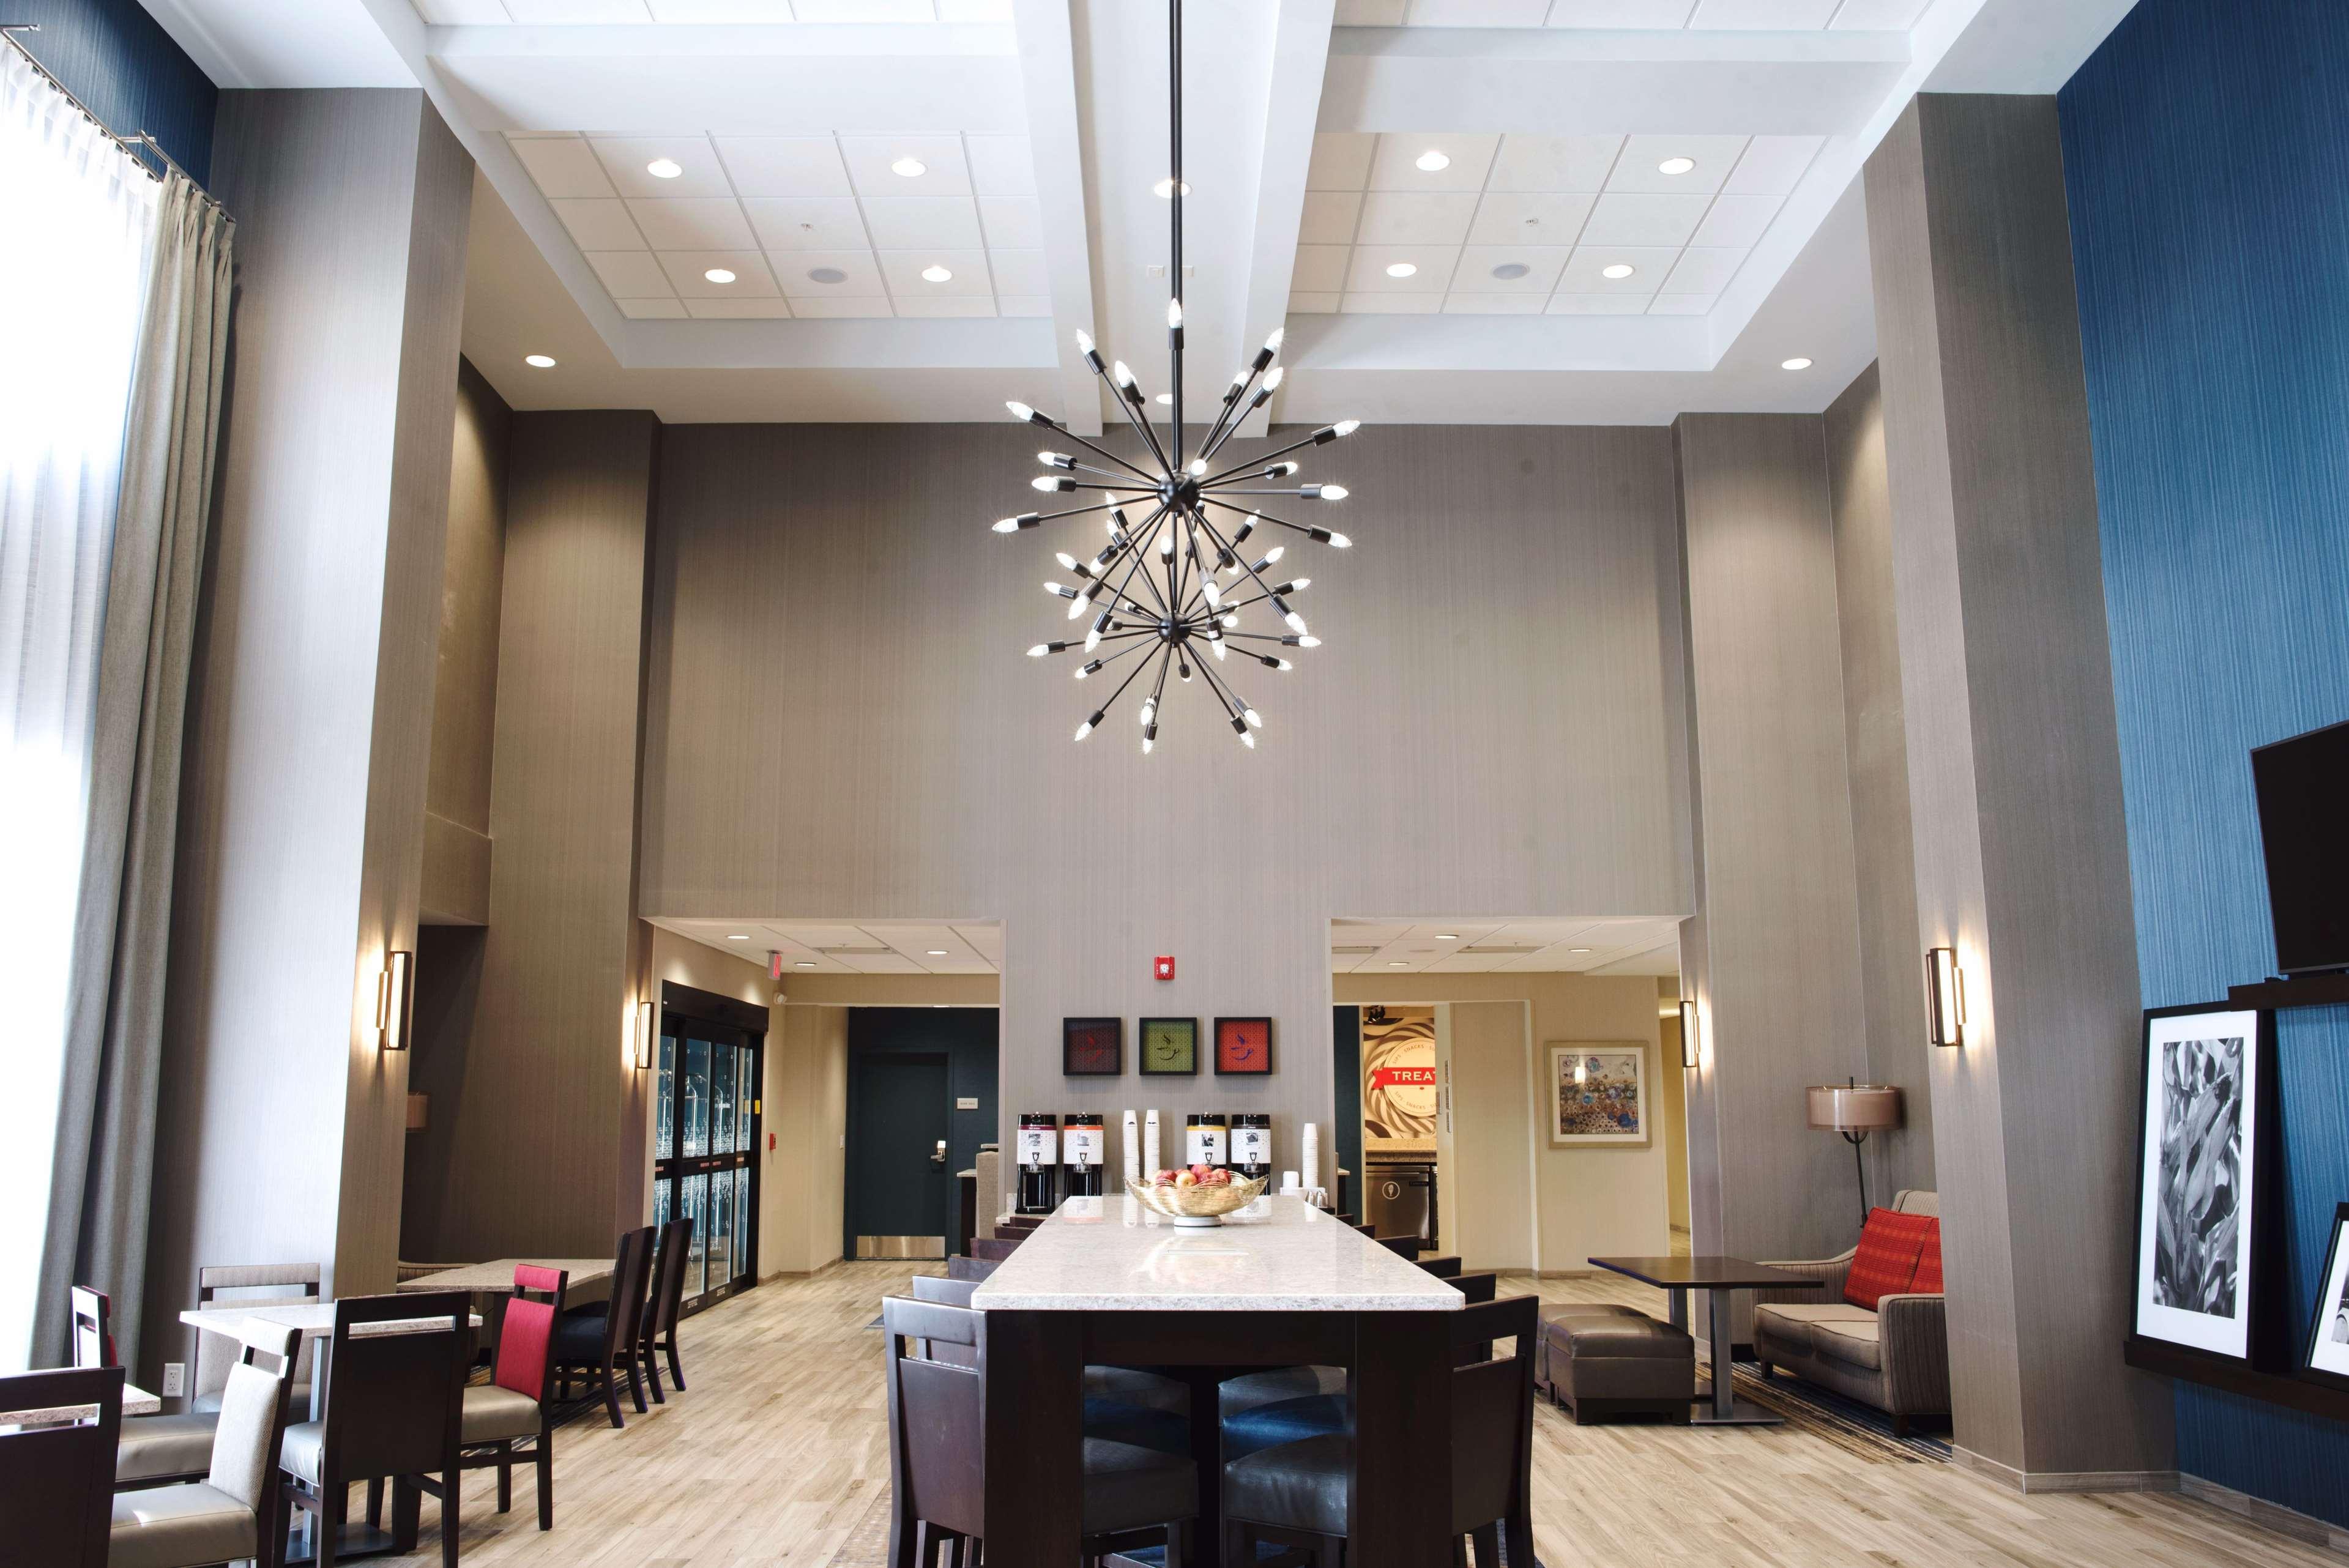 Hampton Inn & Suites Des Moines/Urbandale image 6